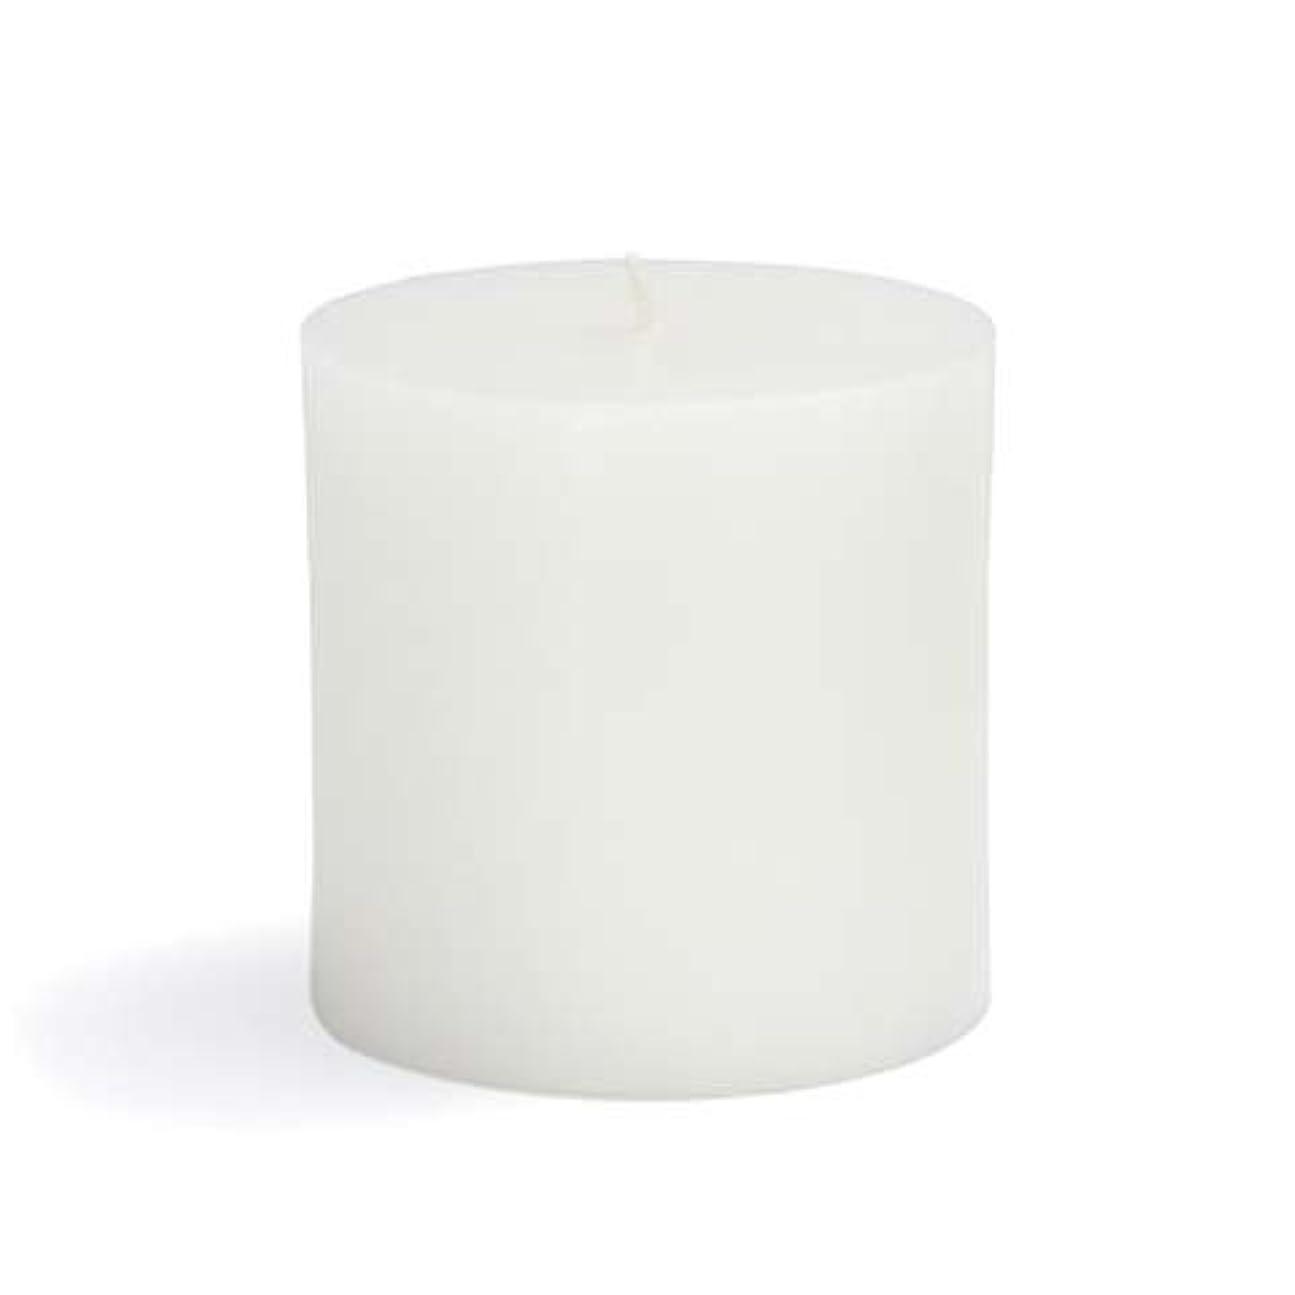 アルバム未使用私のZest Candle CPZ-071-12 3 x 3 in. White Pillar Candles -12pcs-Case- Bulk